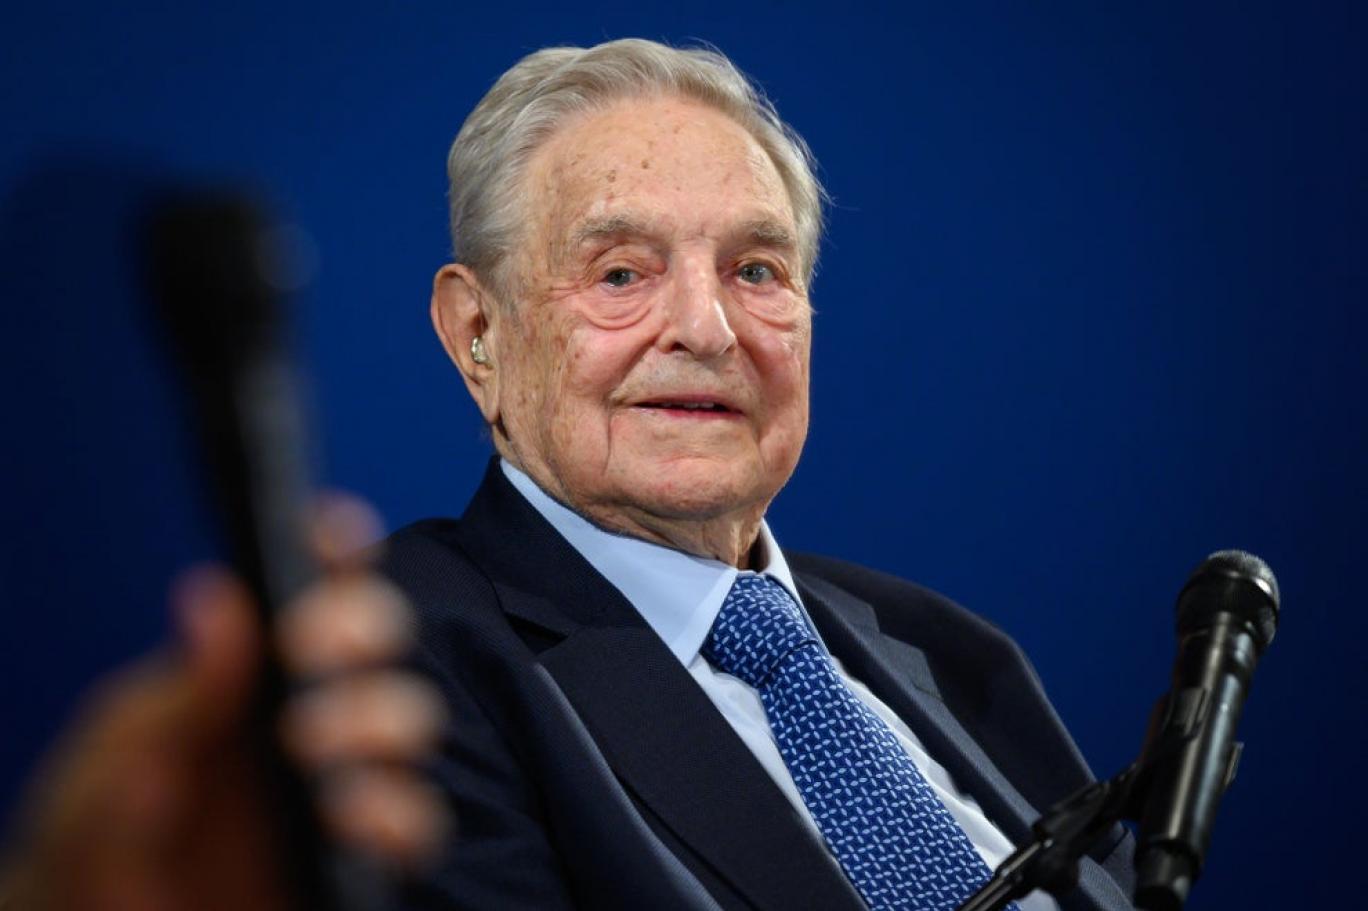 Komplo teorilerinin hedefindeki George Soros: Bazı insanları sinir ettiğim için mutluyum   Independent Türkçe